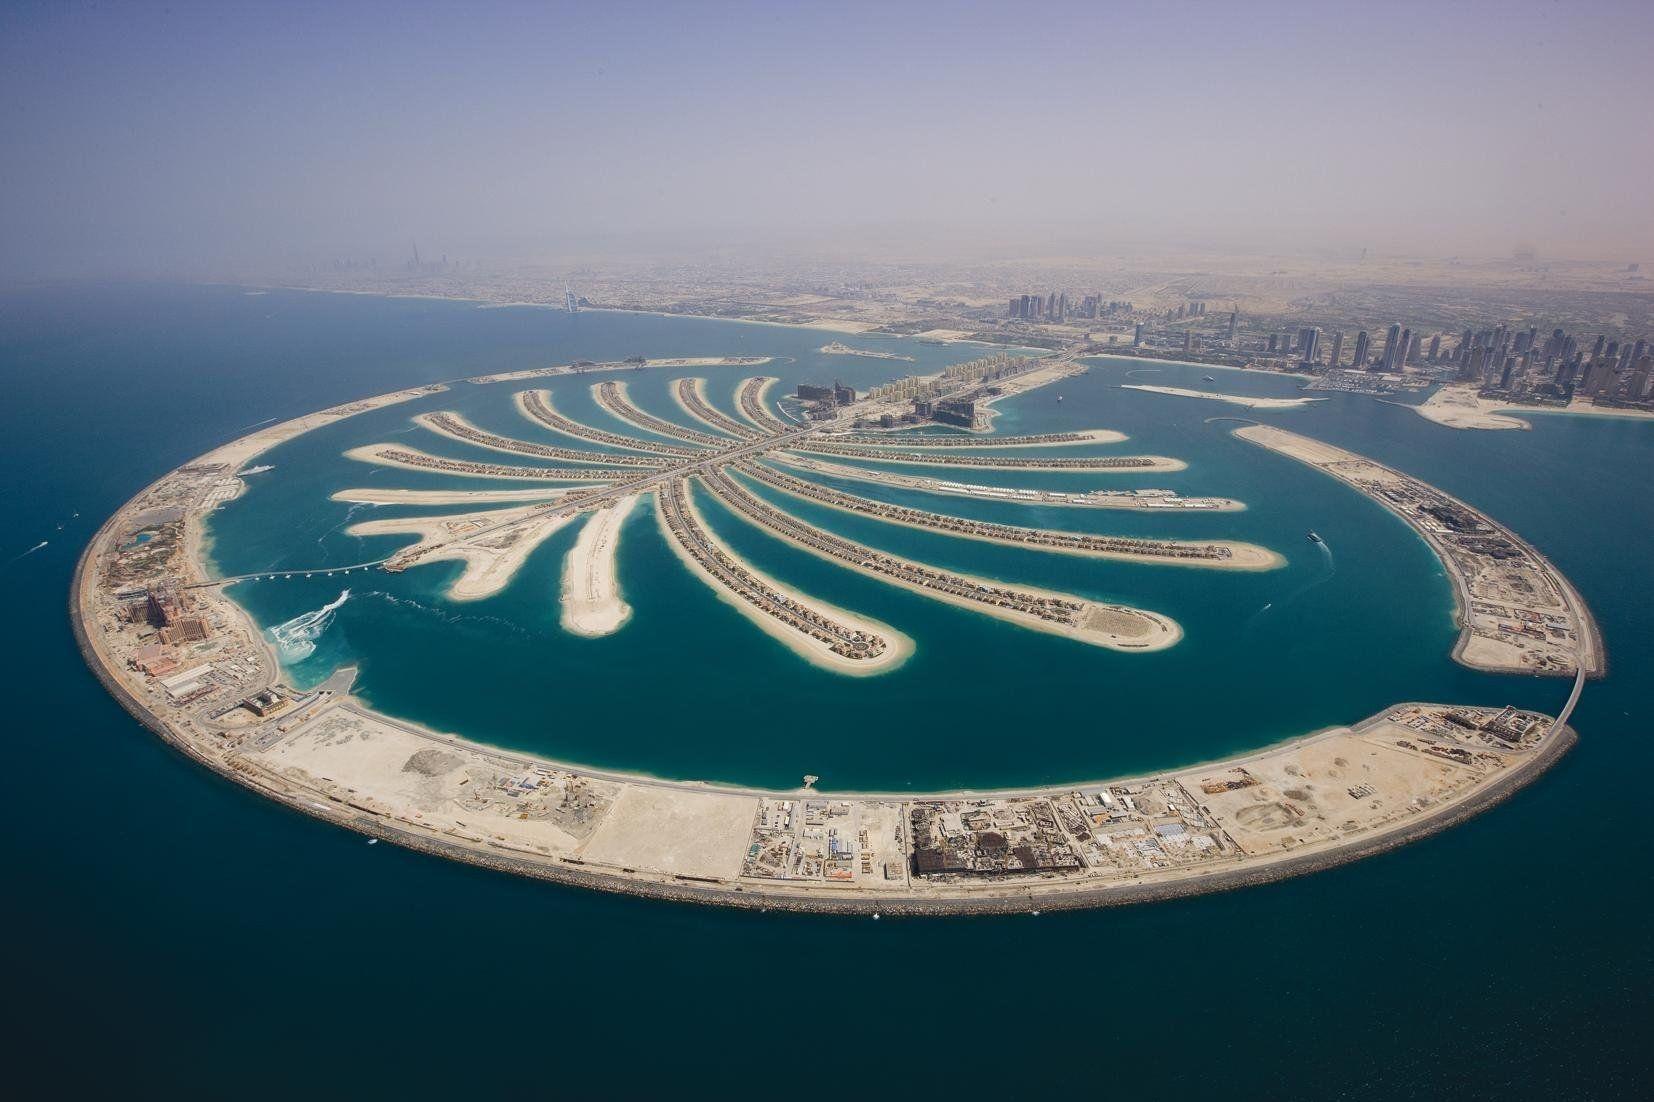 Dubai Urlaub Bilder Von Hotel Metro Sehensw Rdigkeiten